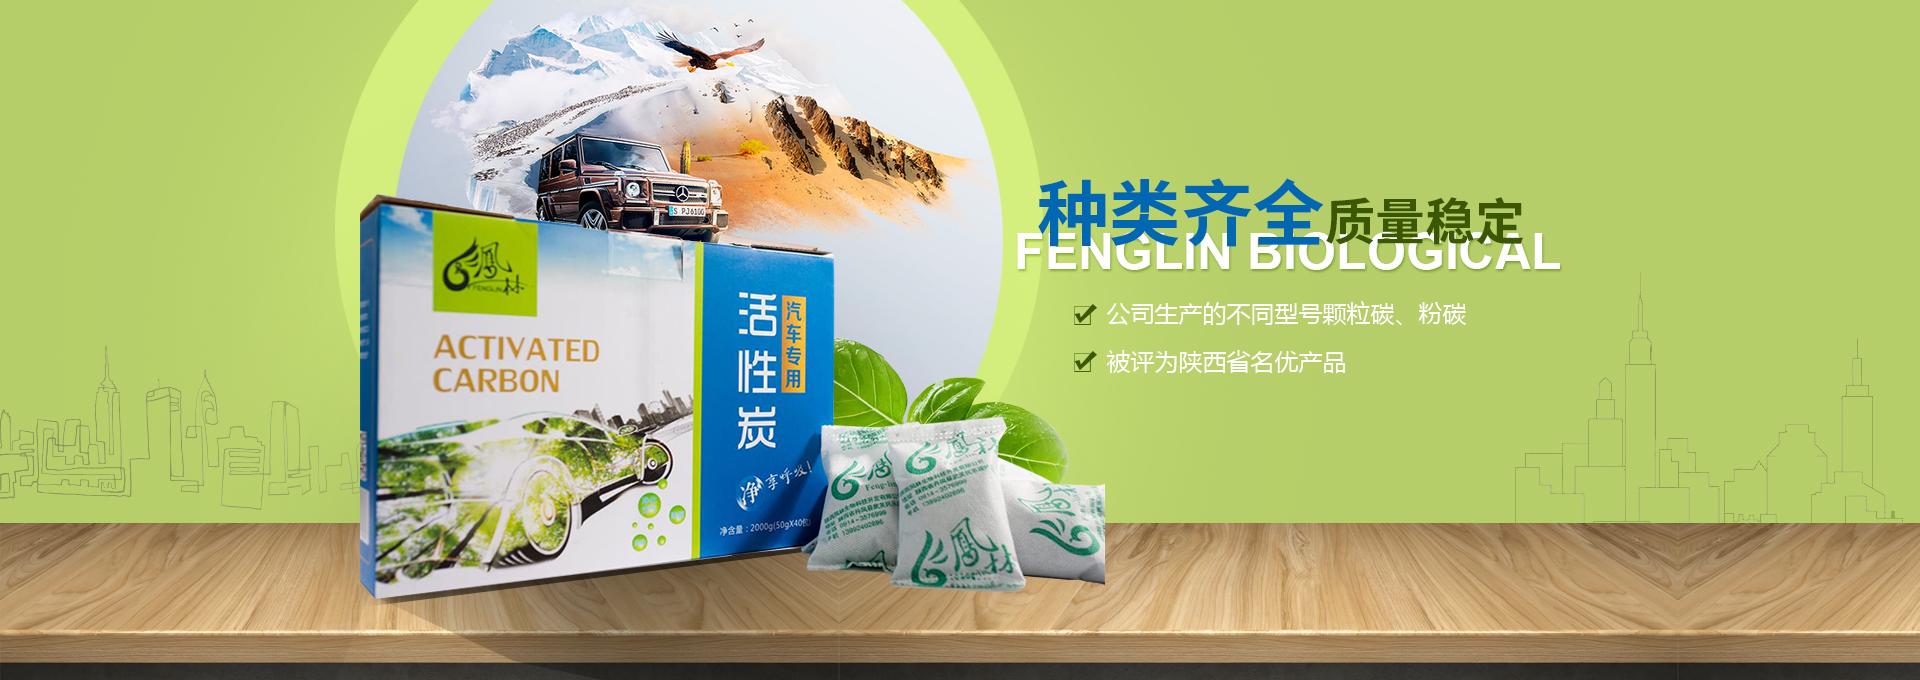 活性炭炭包,鳳林活性炭,車載專用活性炭包